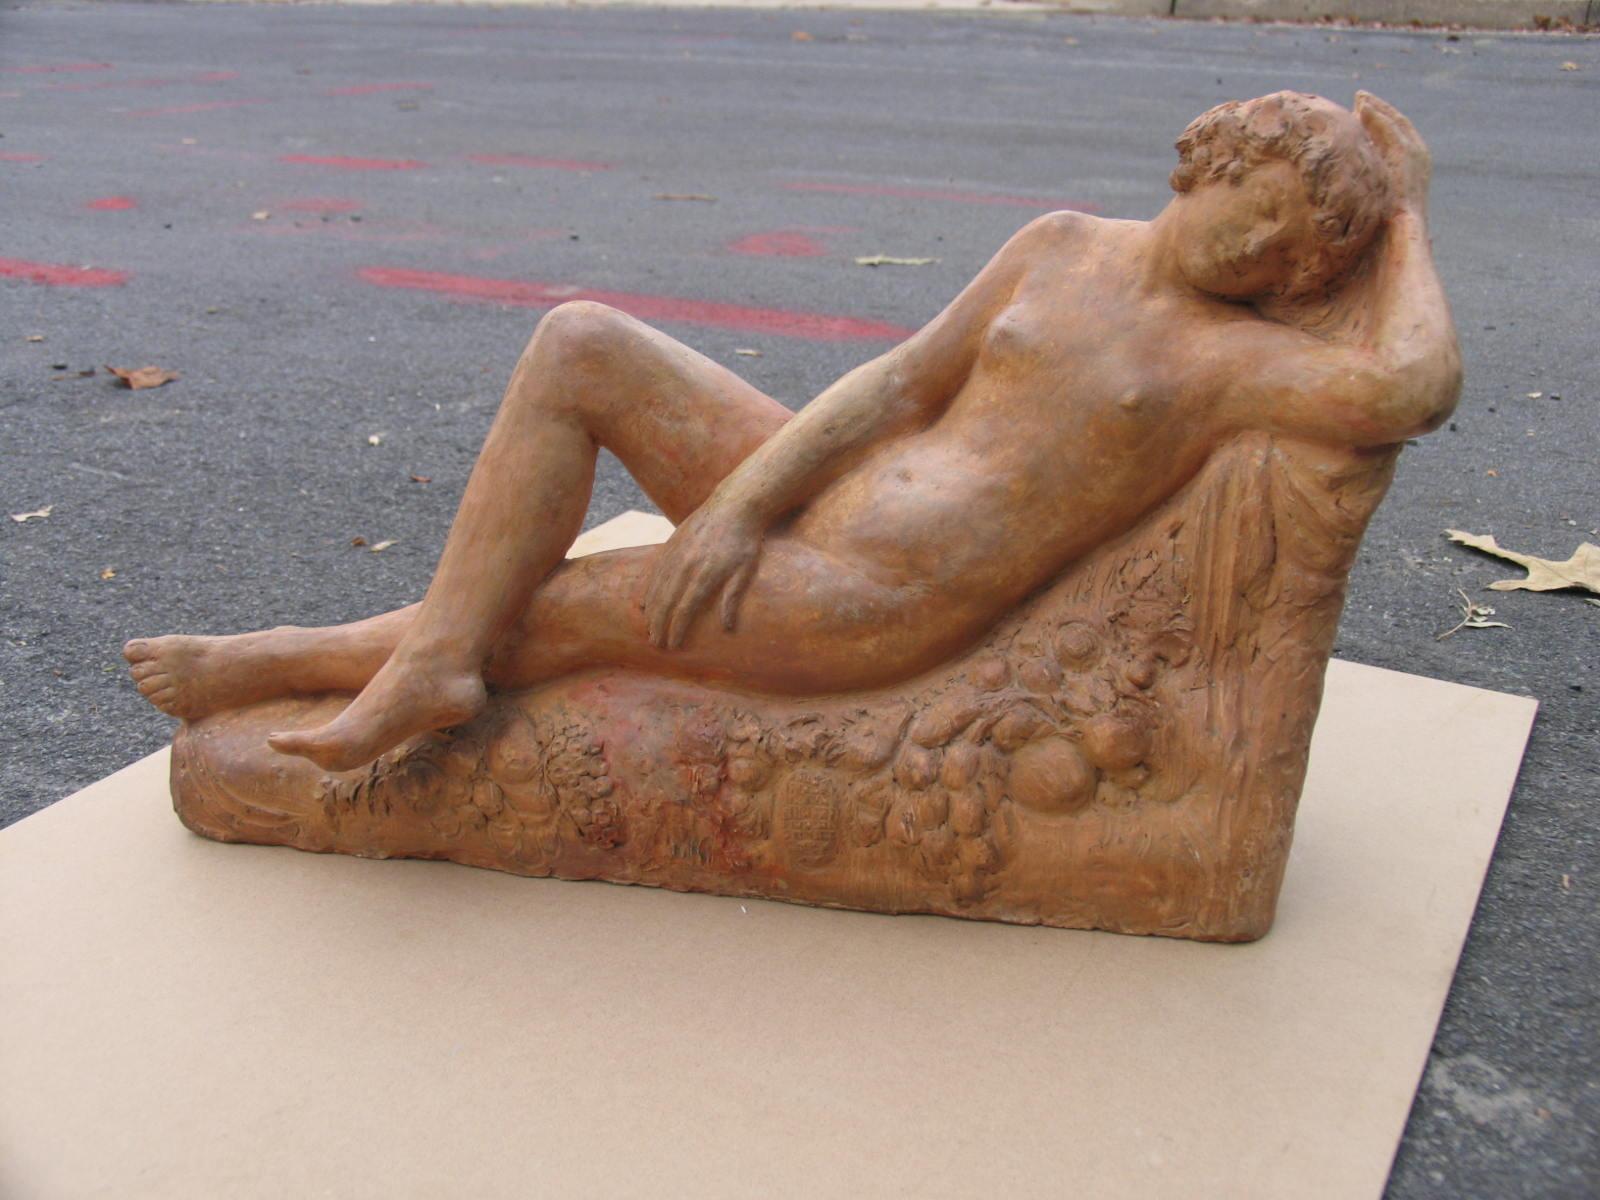 sculpture2after.jpg